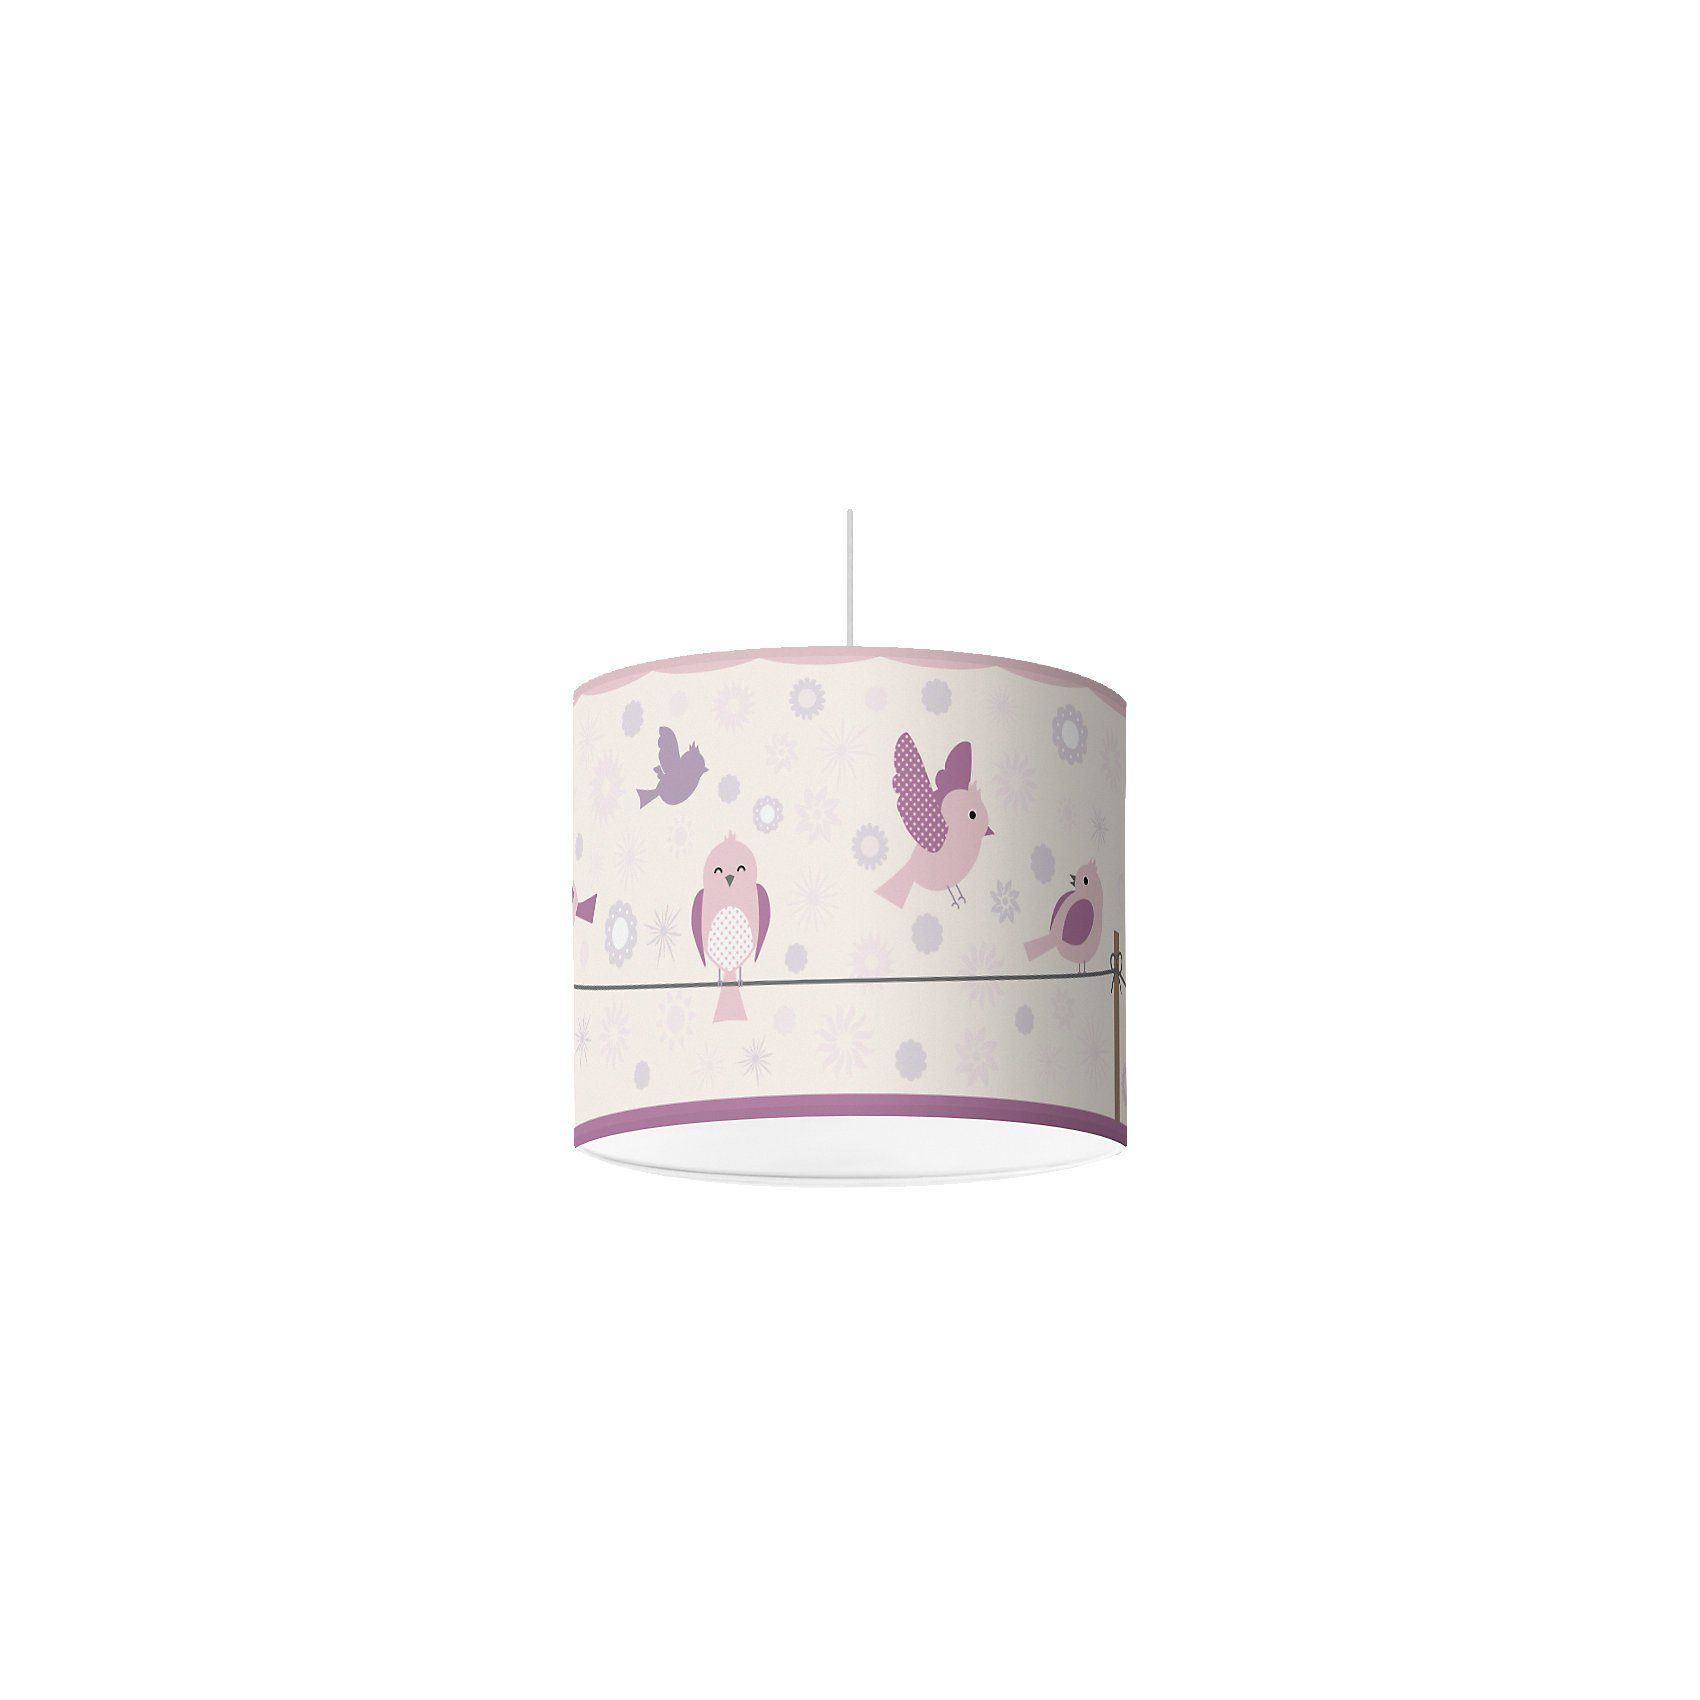 Lampenschirm Vögel & Blümchen, lila, Ø16cm